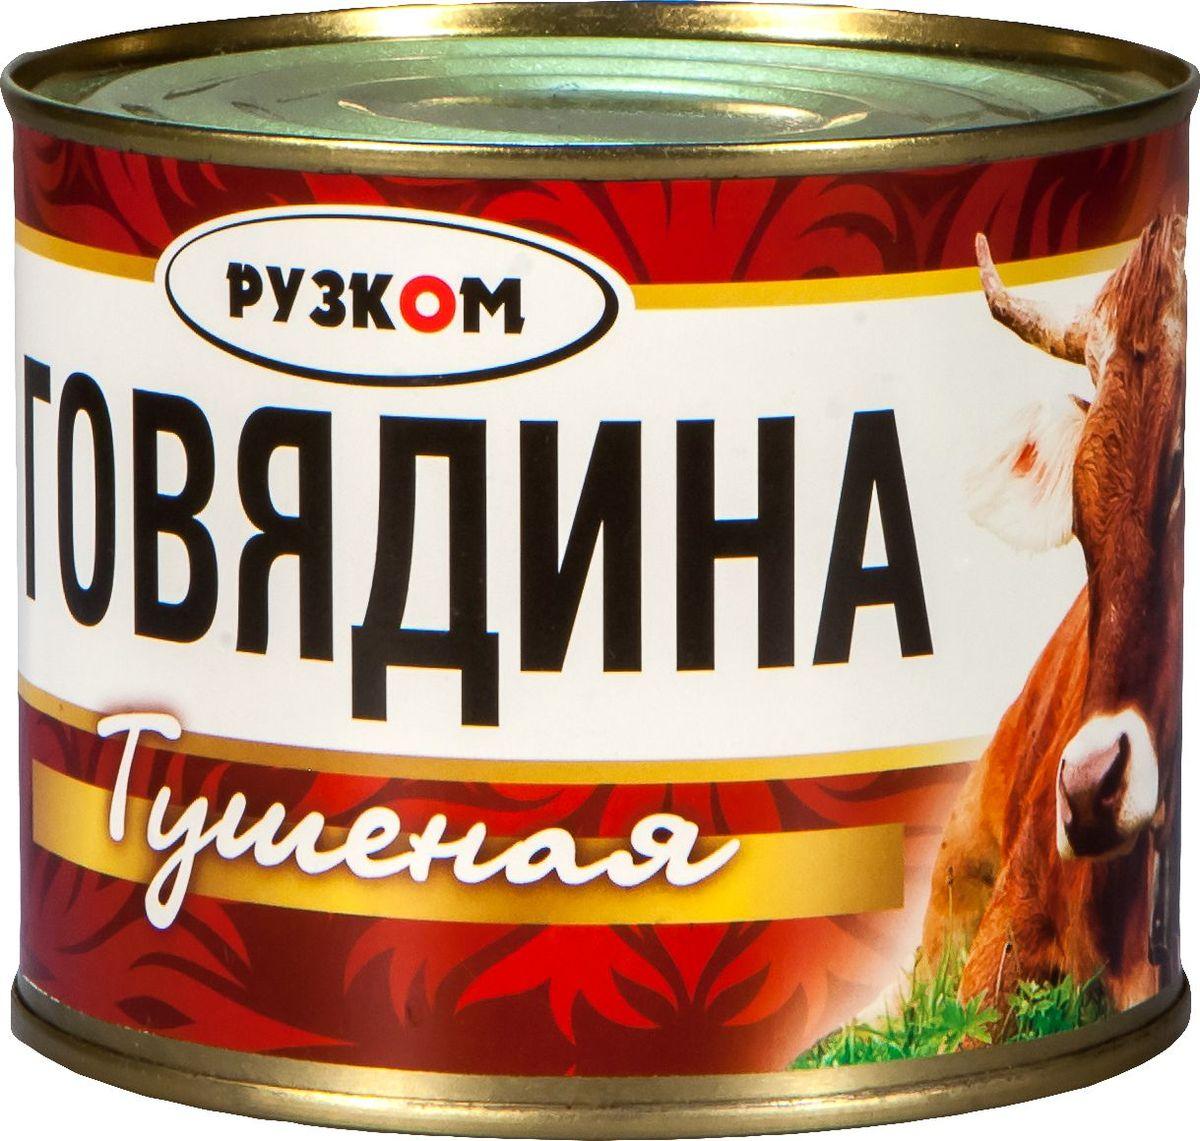 Рузком Говядина тушеная высший сорт ГОСТ, 525 г троицкий консервный комбинат говядина тушеная 338 г